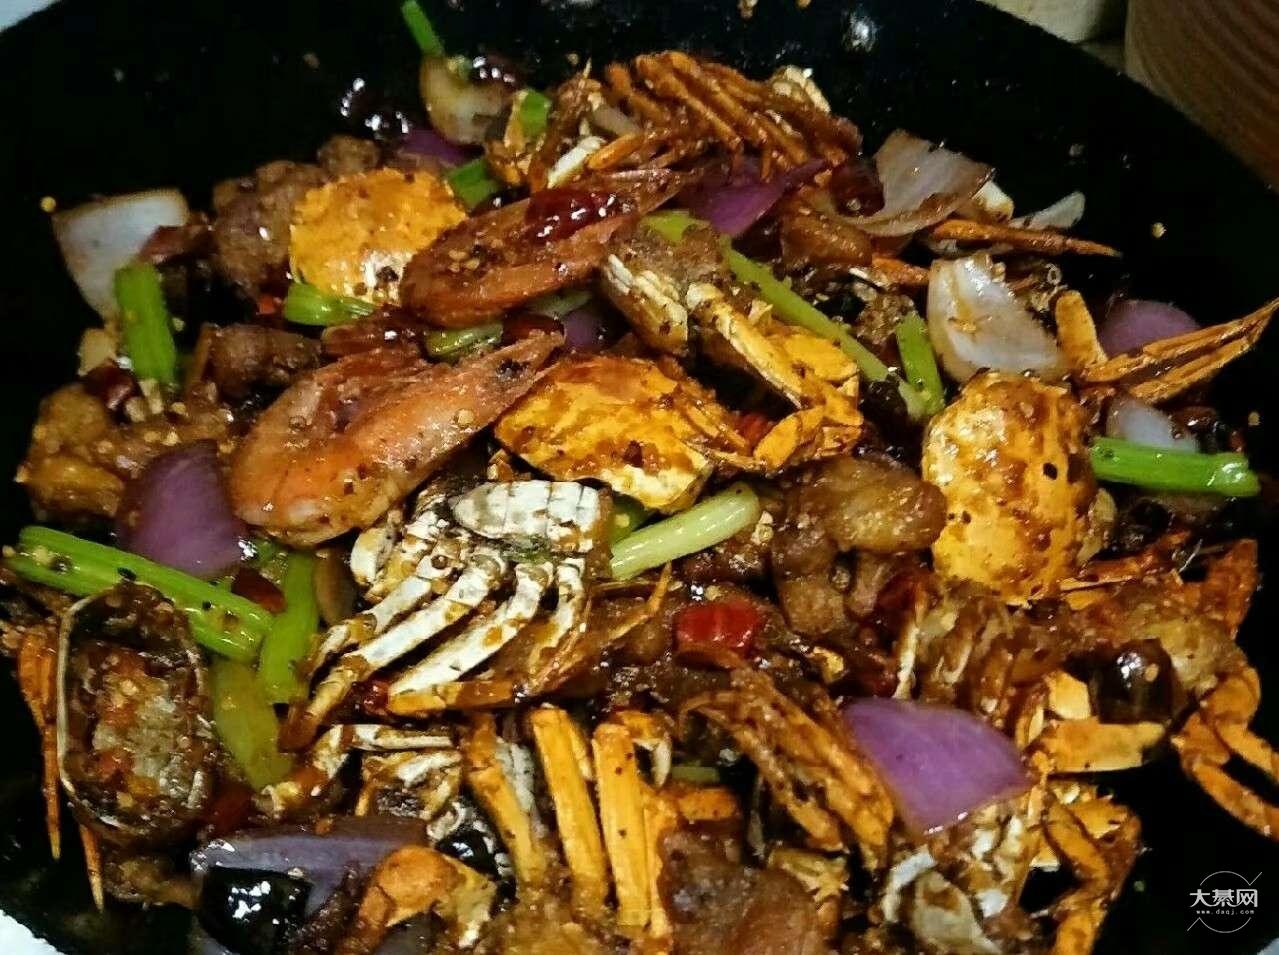 家庭版的干锅香辣蟹,红烧鱼,蒜蓉丝瓜蒸粉丝,我的爱好就是烧菜